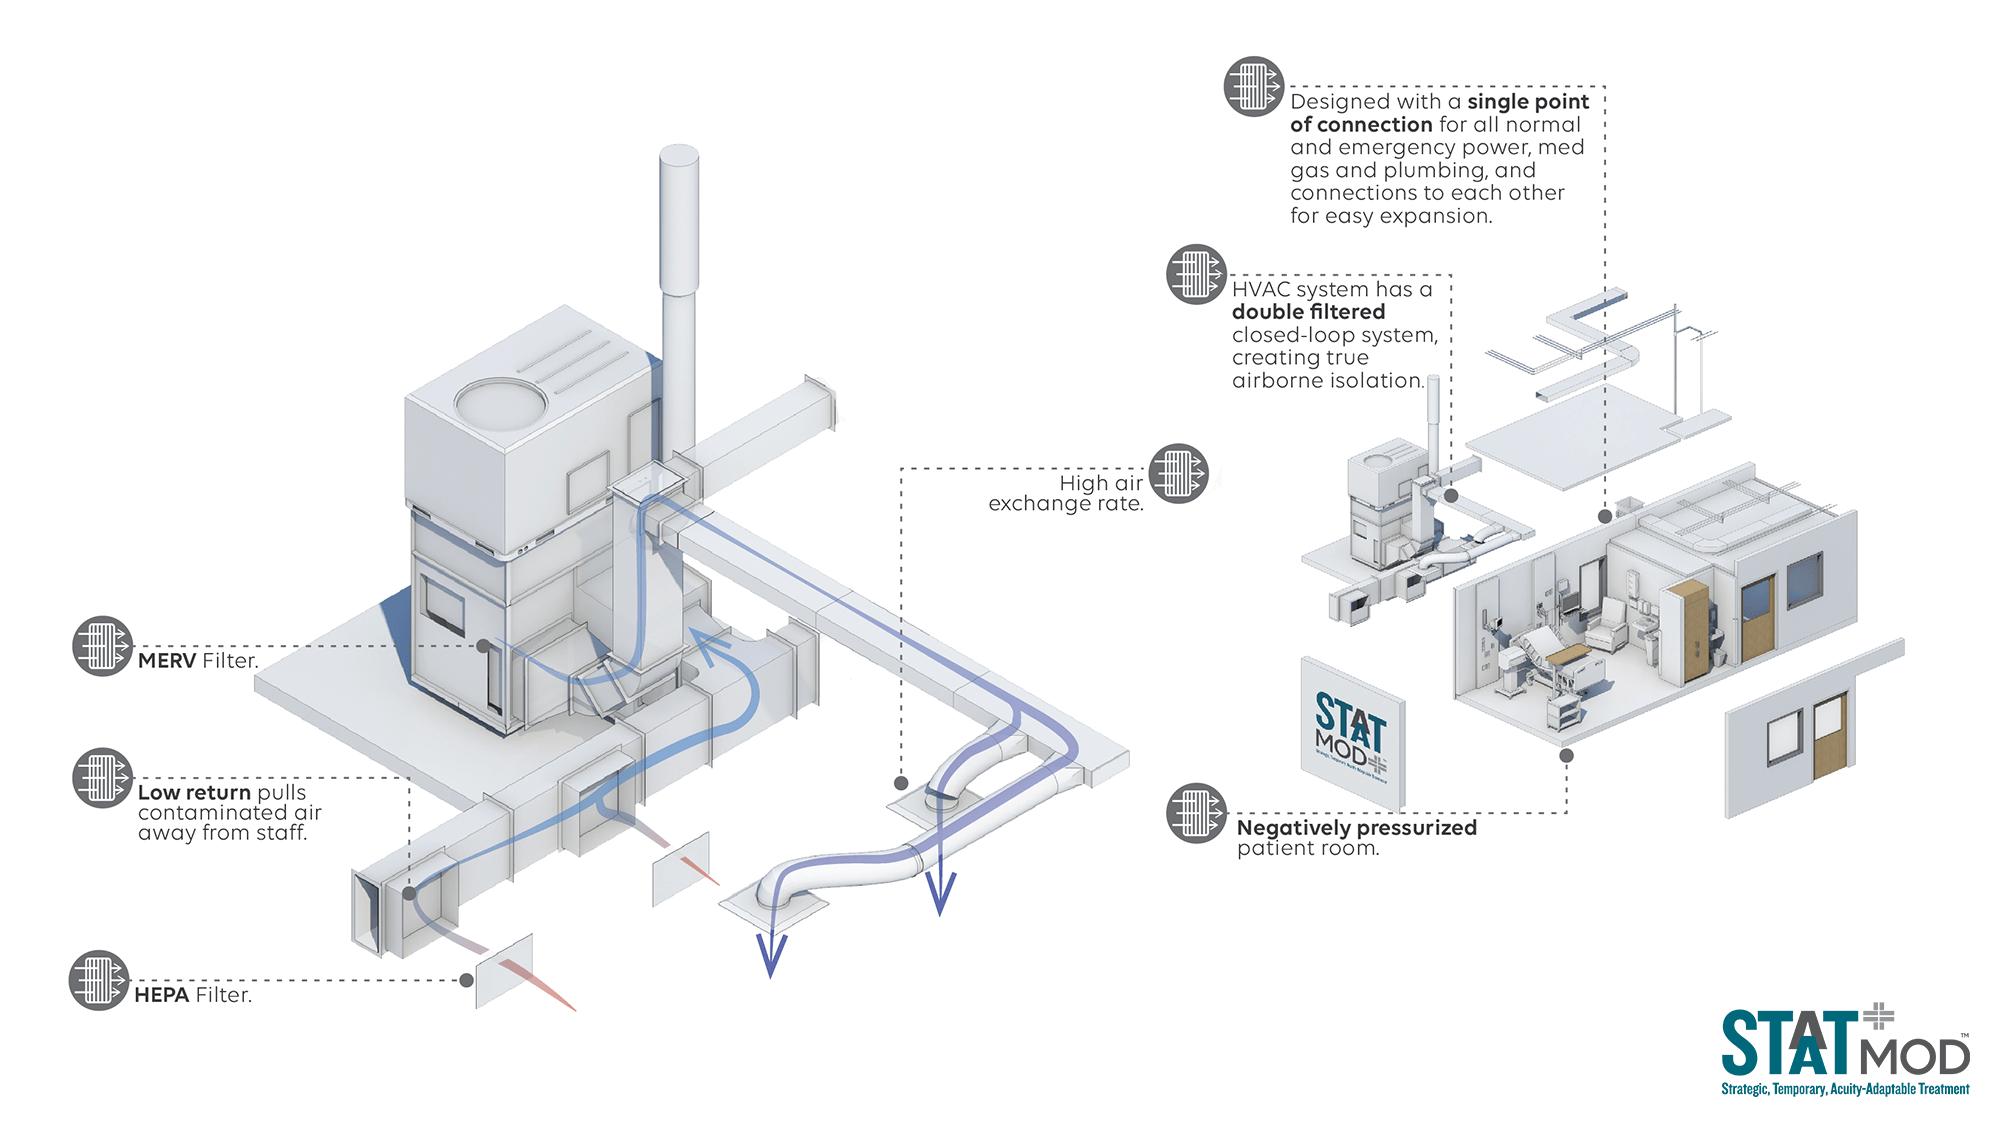 STAAT Mod Engineering